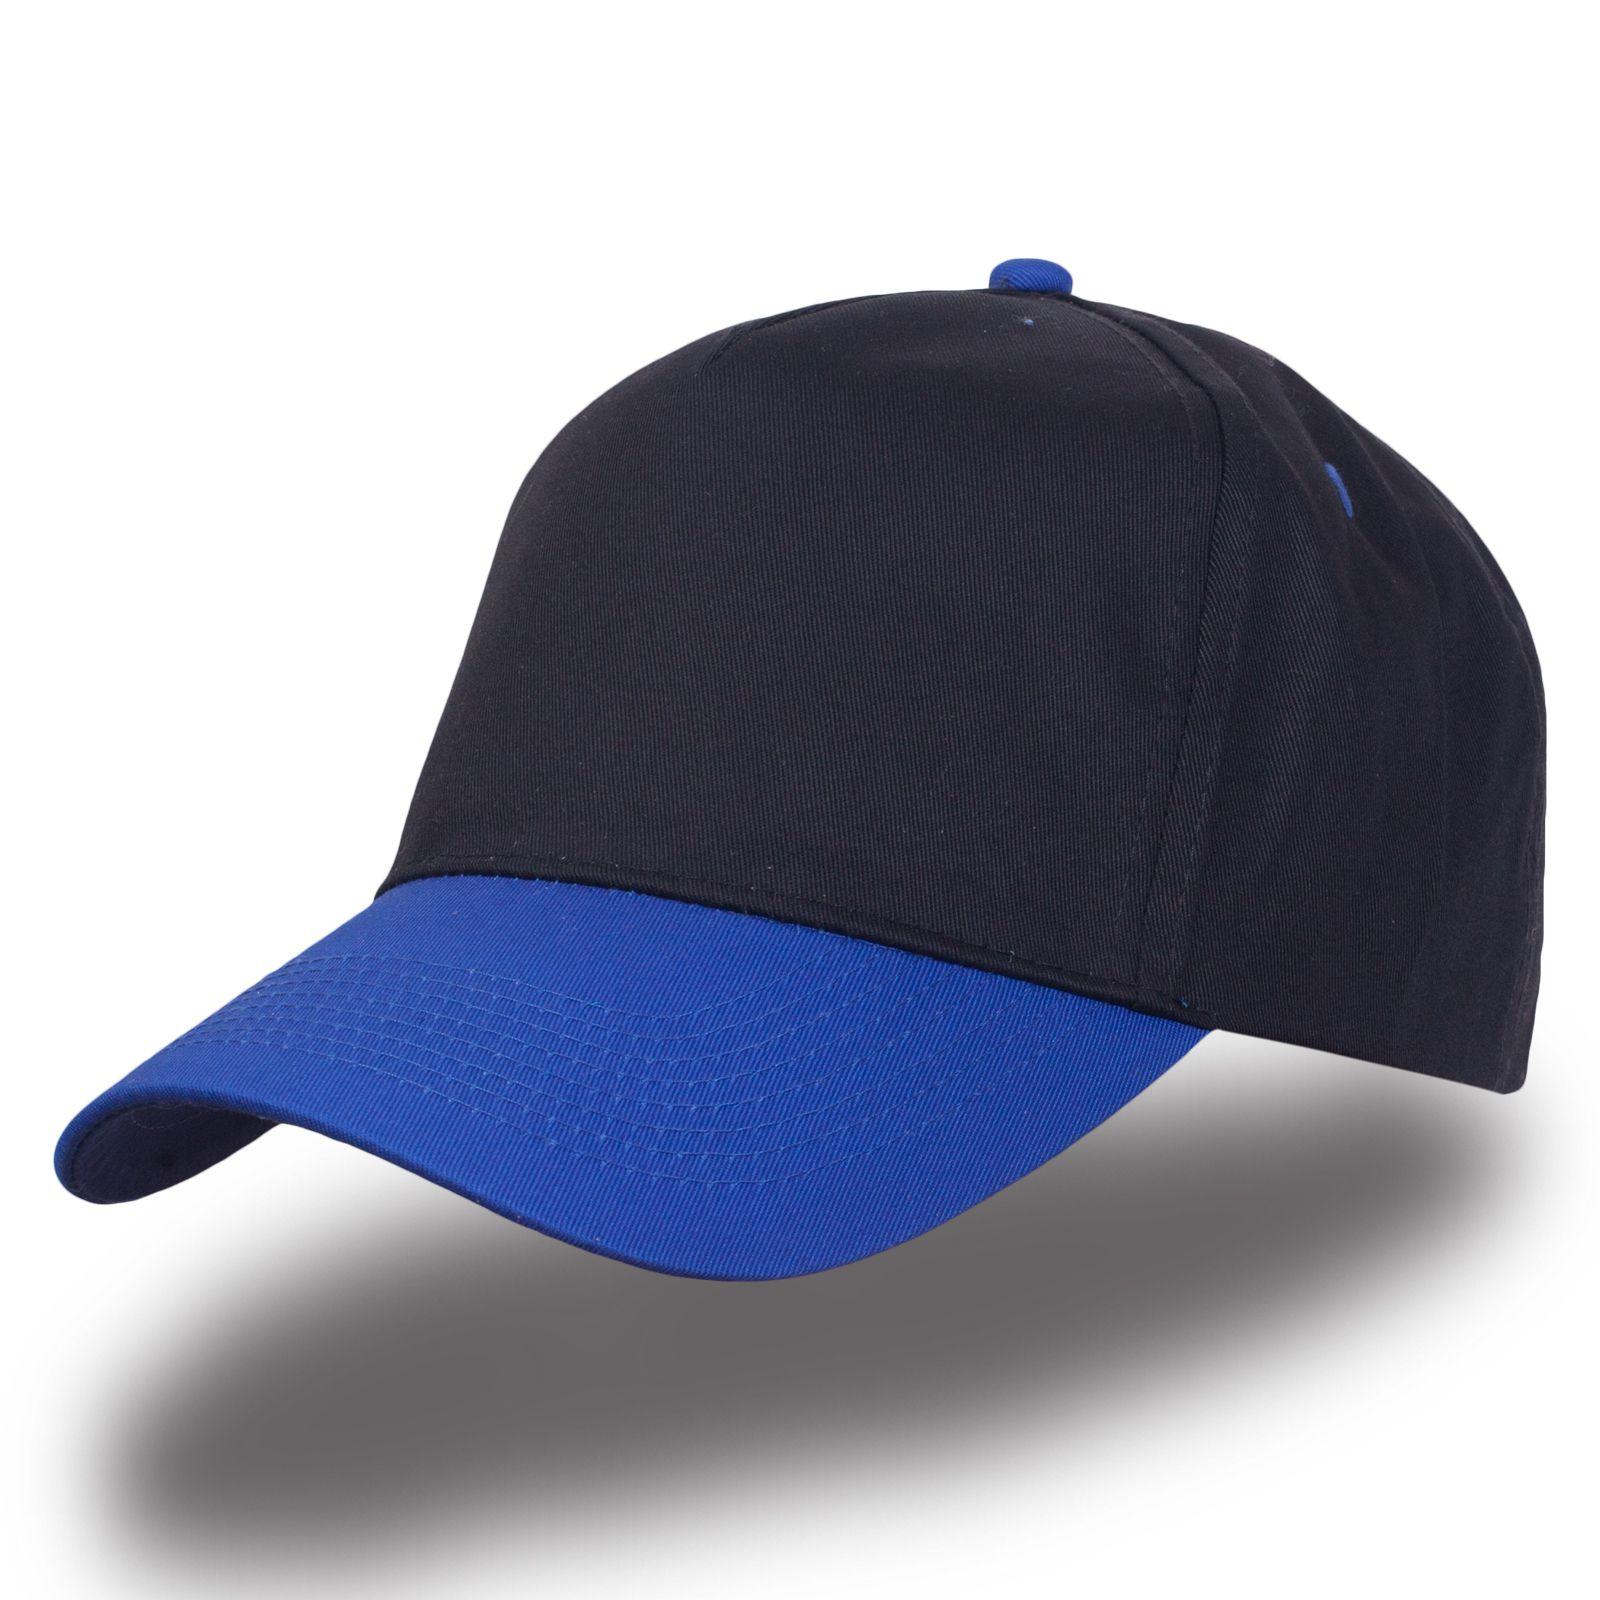 Мужская кепка - купить в интернет-магазине с доставкой